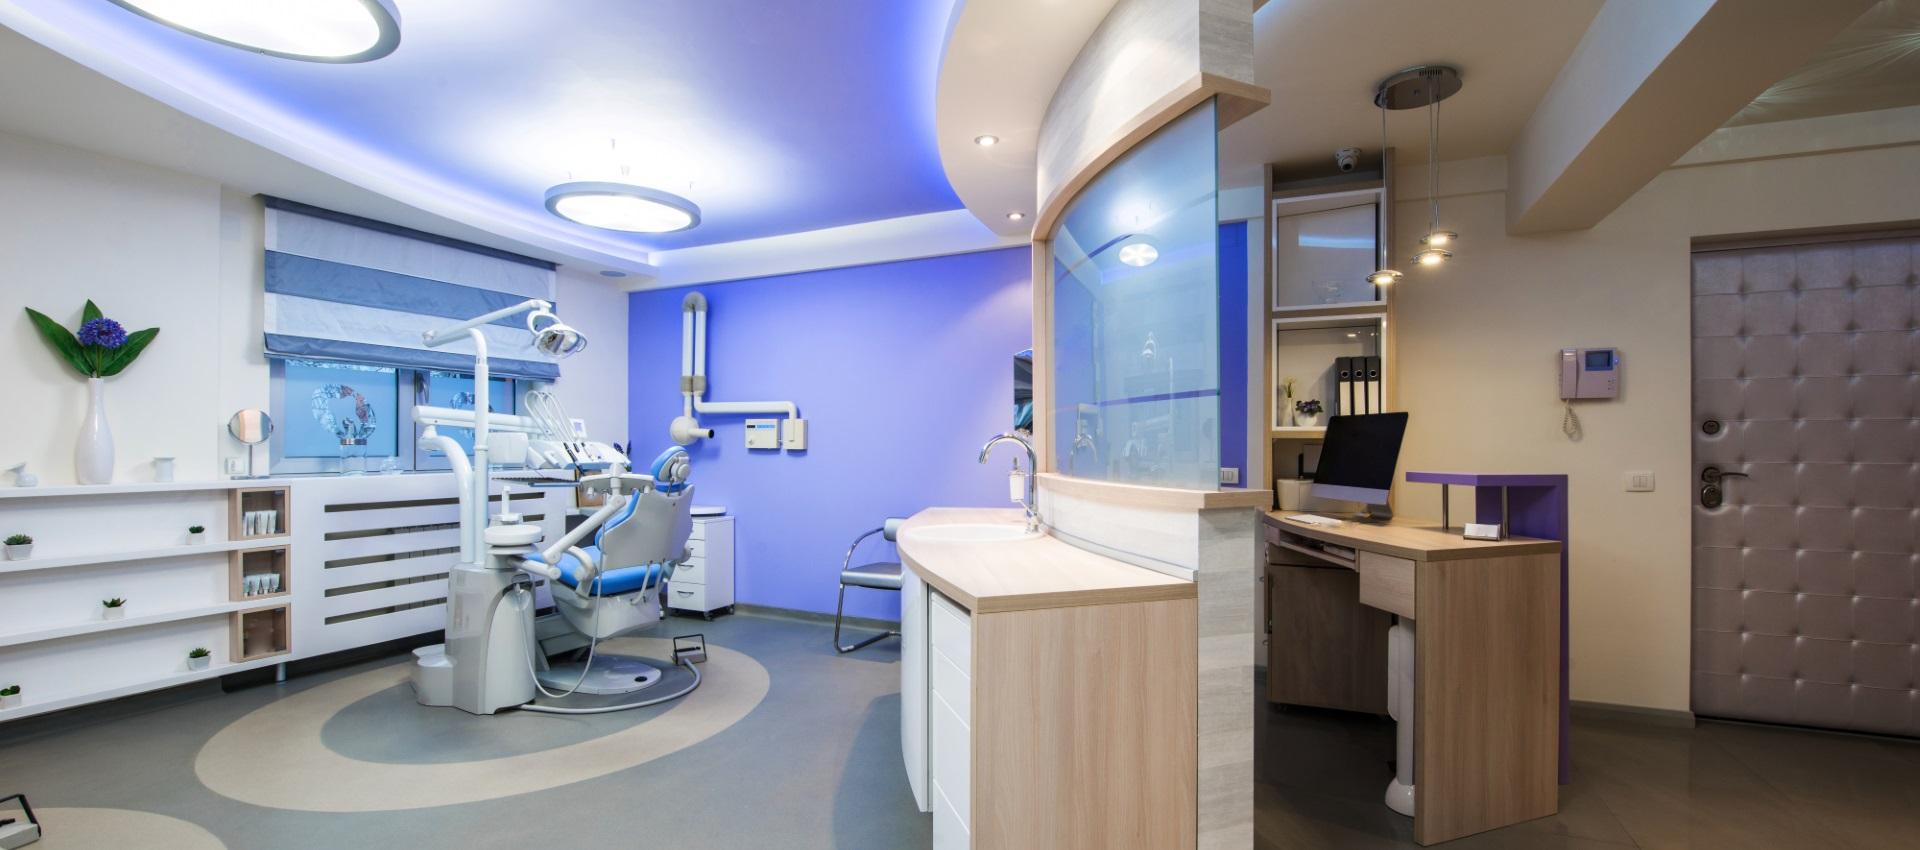 instalaciones dentales